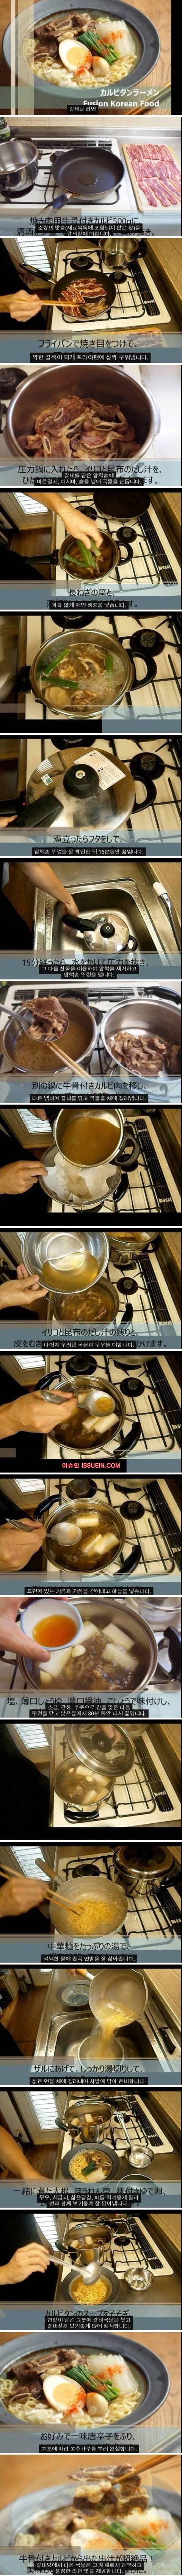 일본에 소개된 한국 갈비탕 라면 | 인스티즈